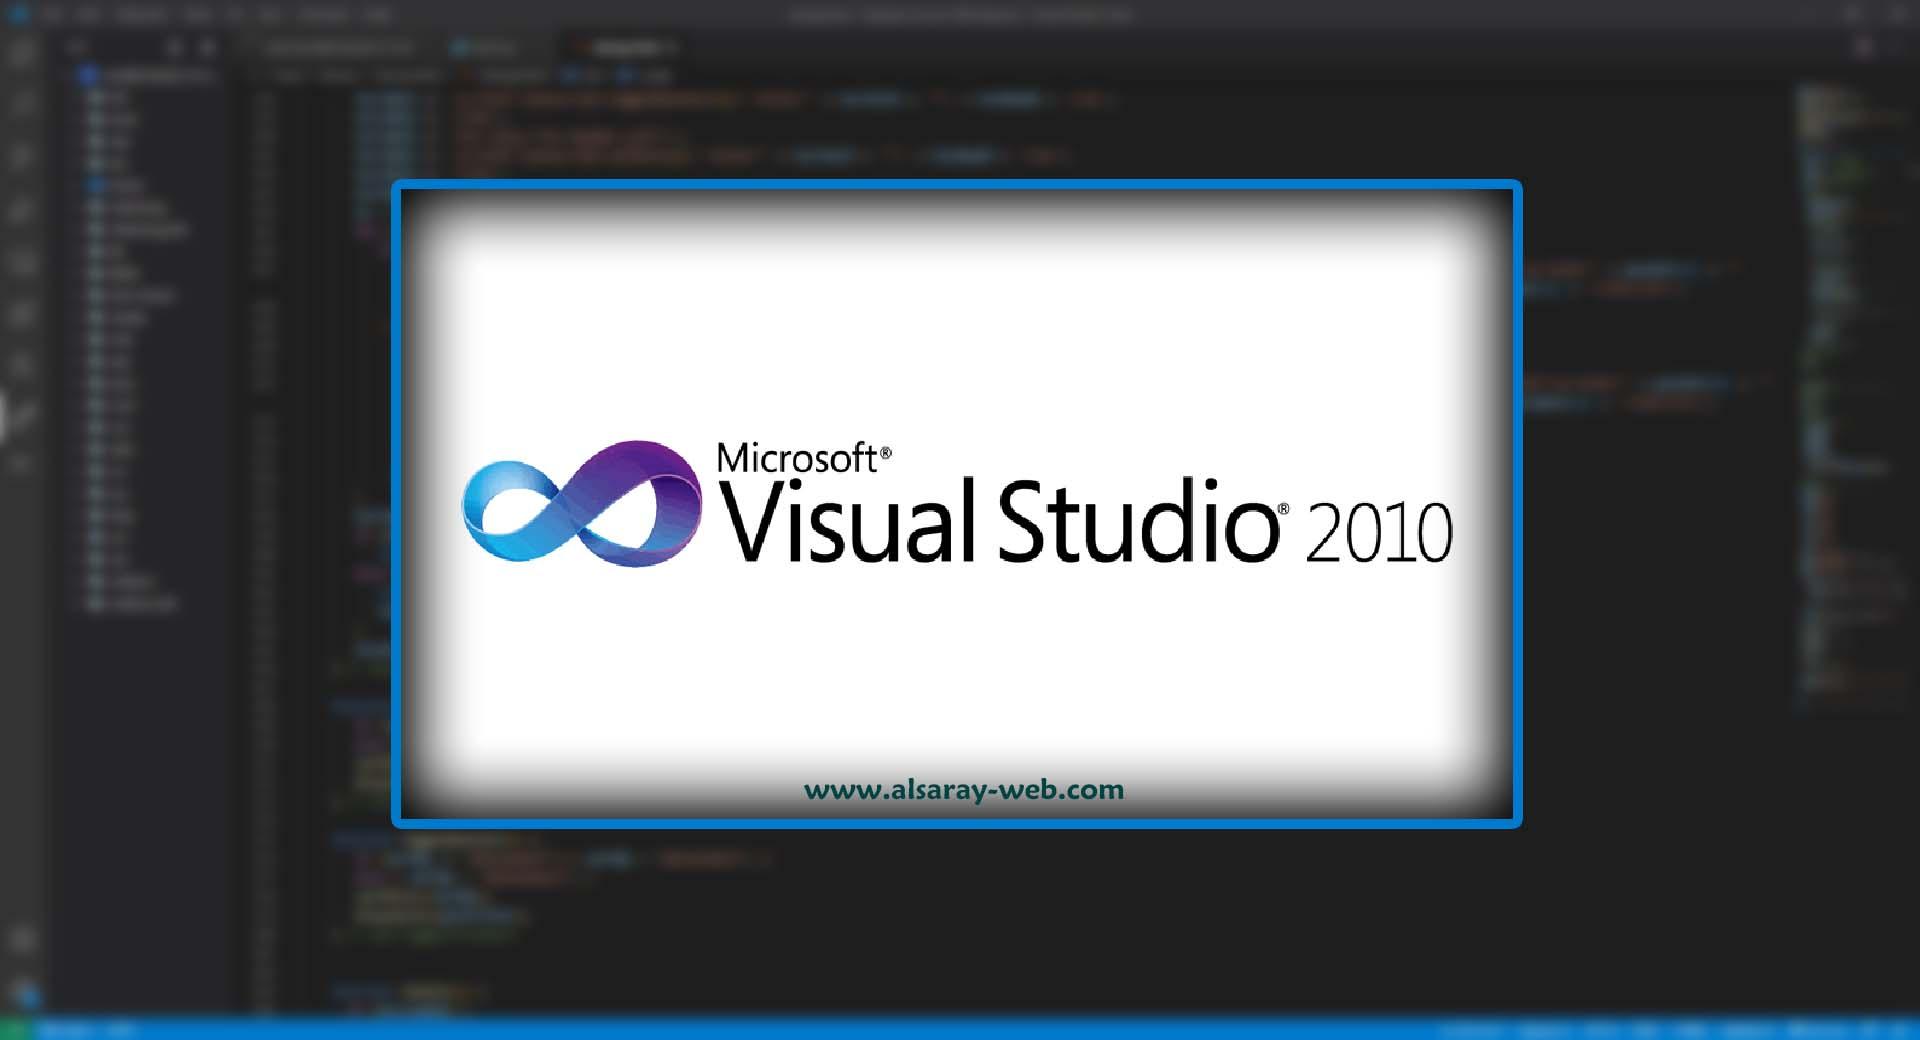 تحميل برنامج فيجوال بيسك 2010 Visual Basic برابط مباشر السراي ويب